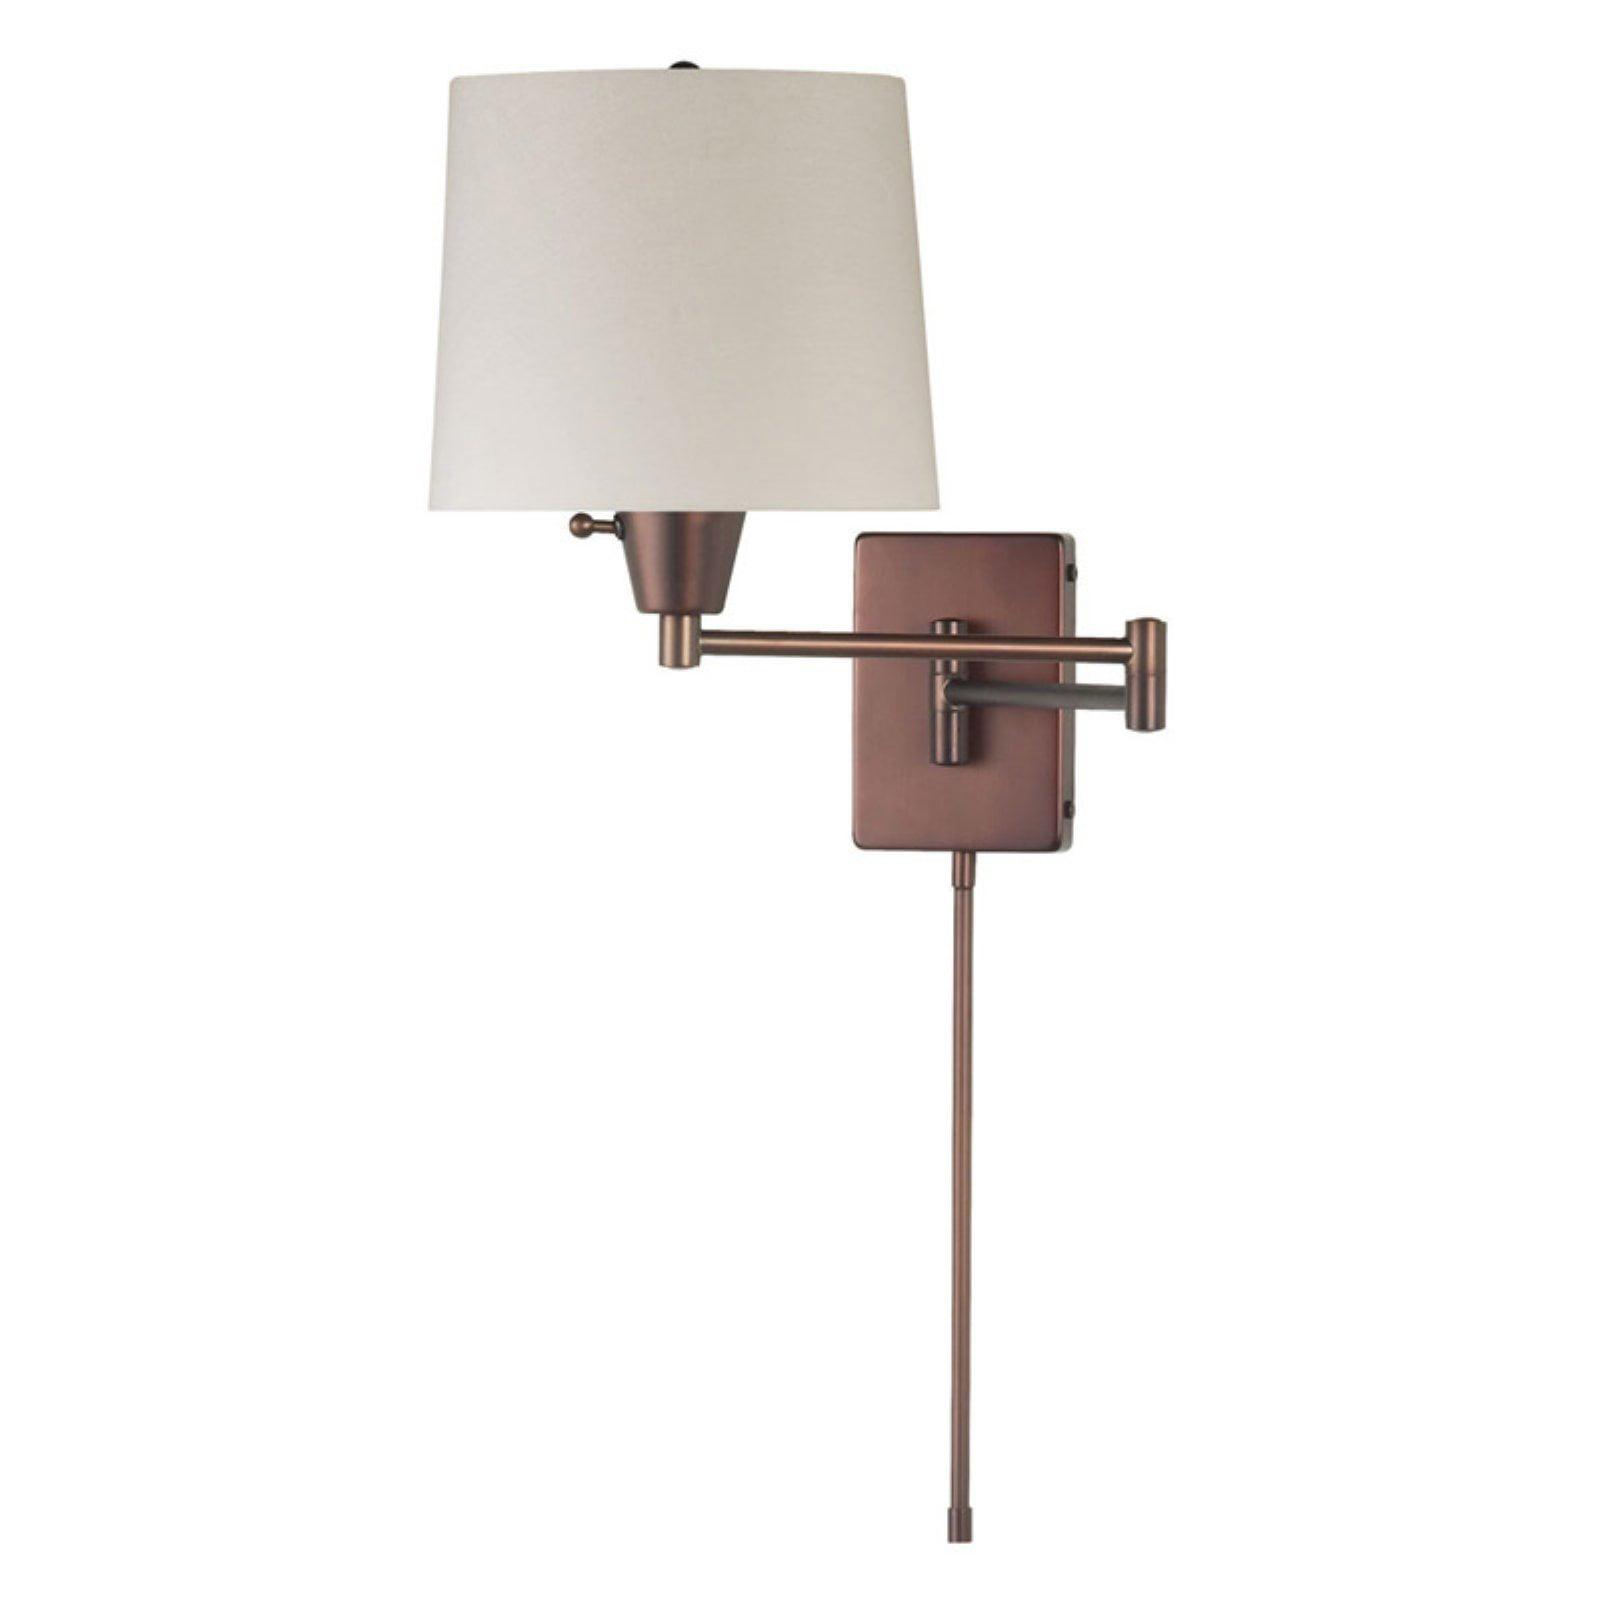 Dainolite DWL80DD-OBB Wall Lamp by Dainolite Ltd